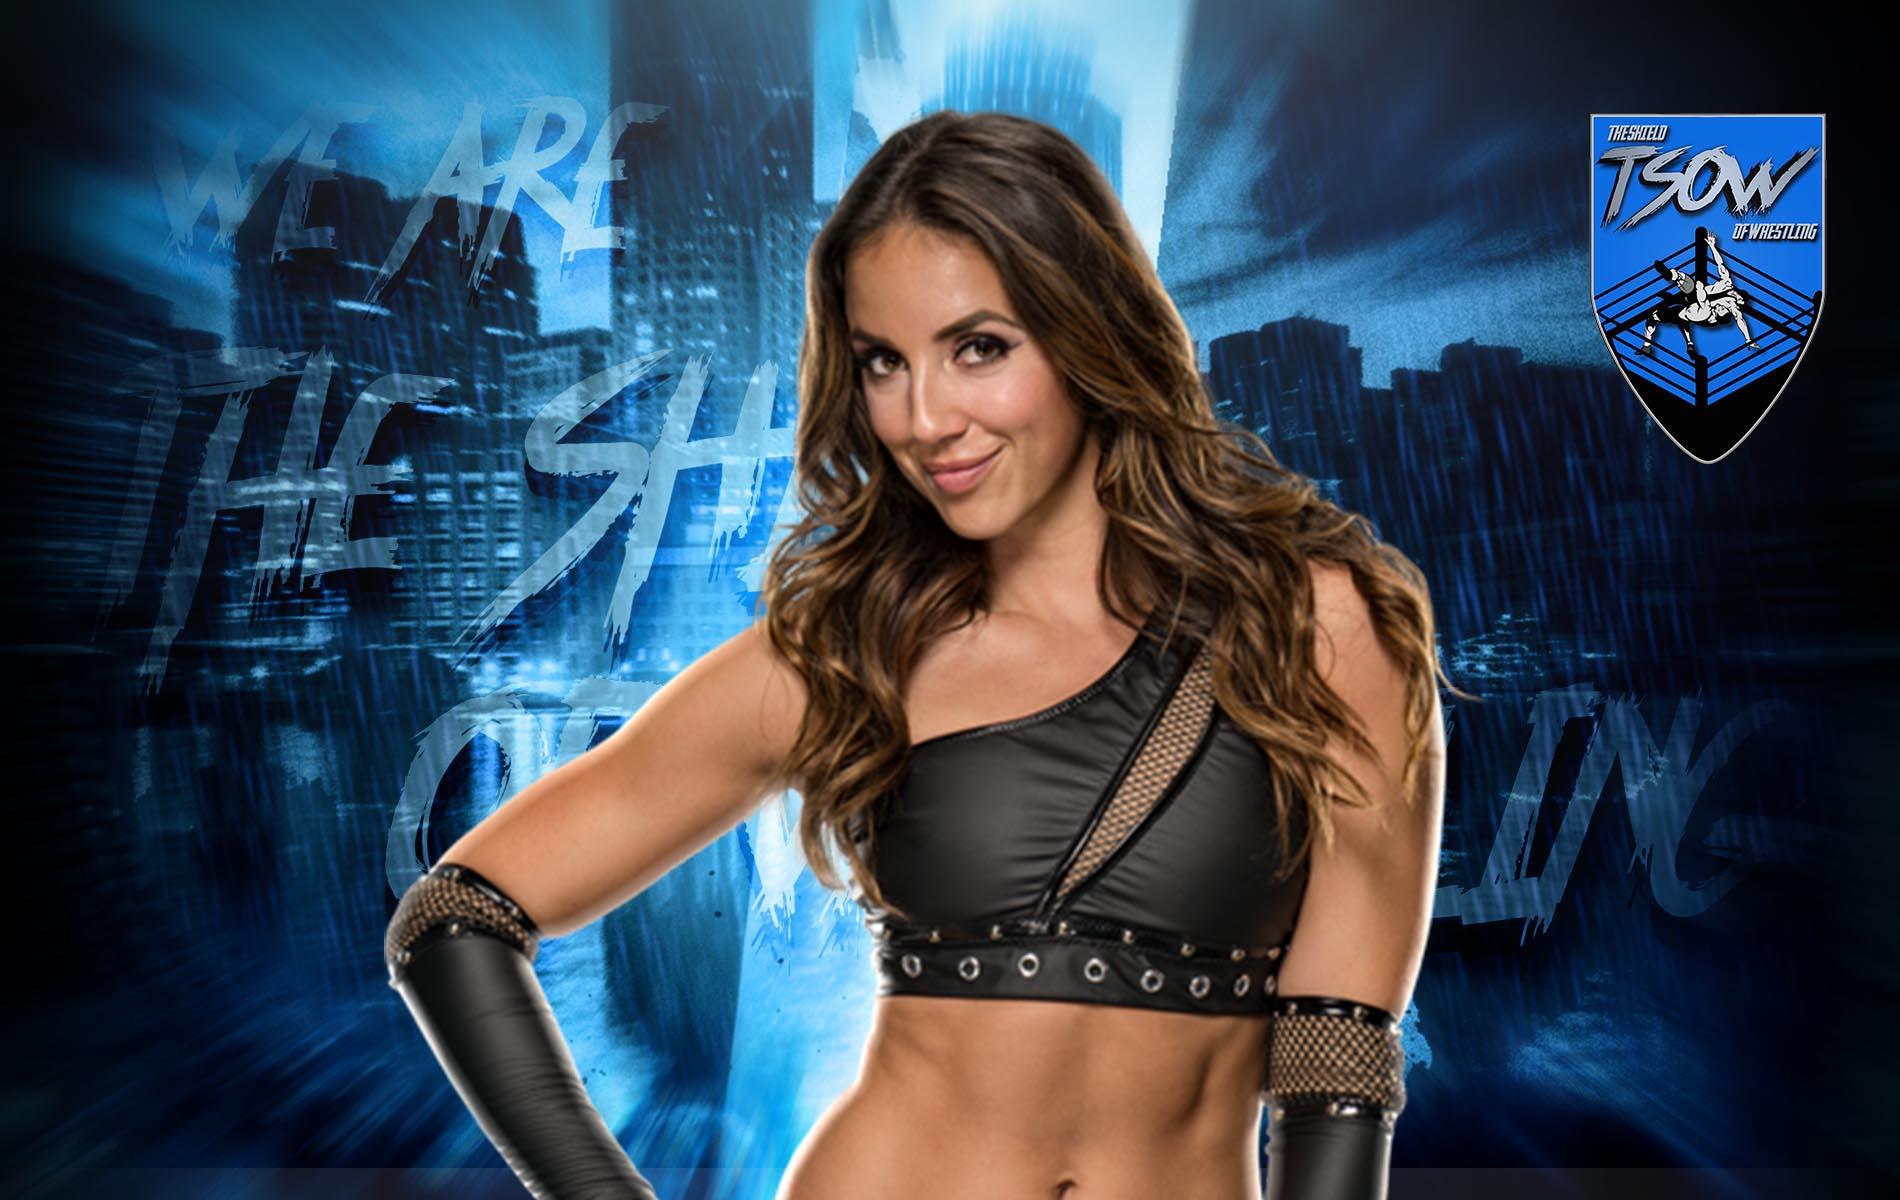 Chelsea Green voleva lavorare con Bray Wyatt e Alexa Bliss